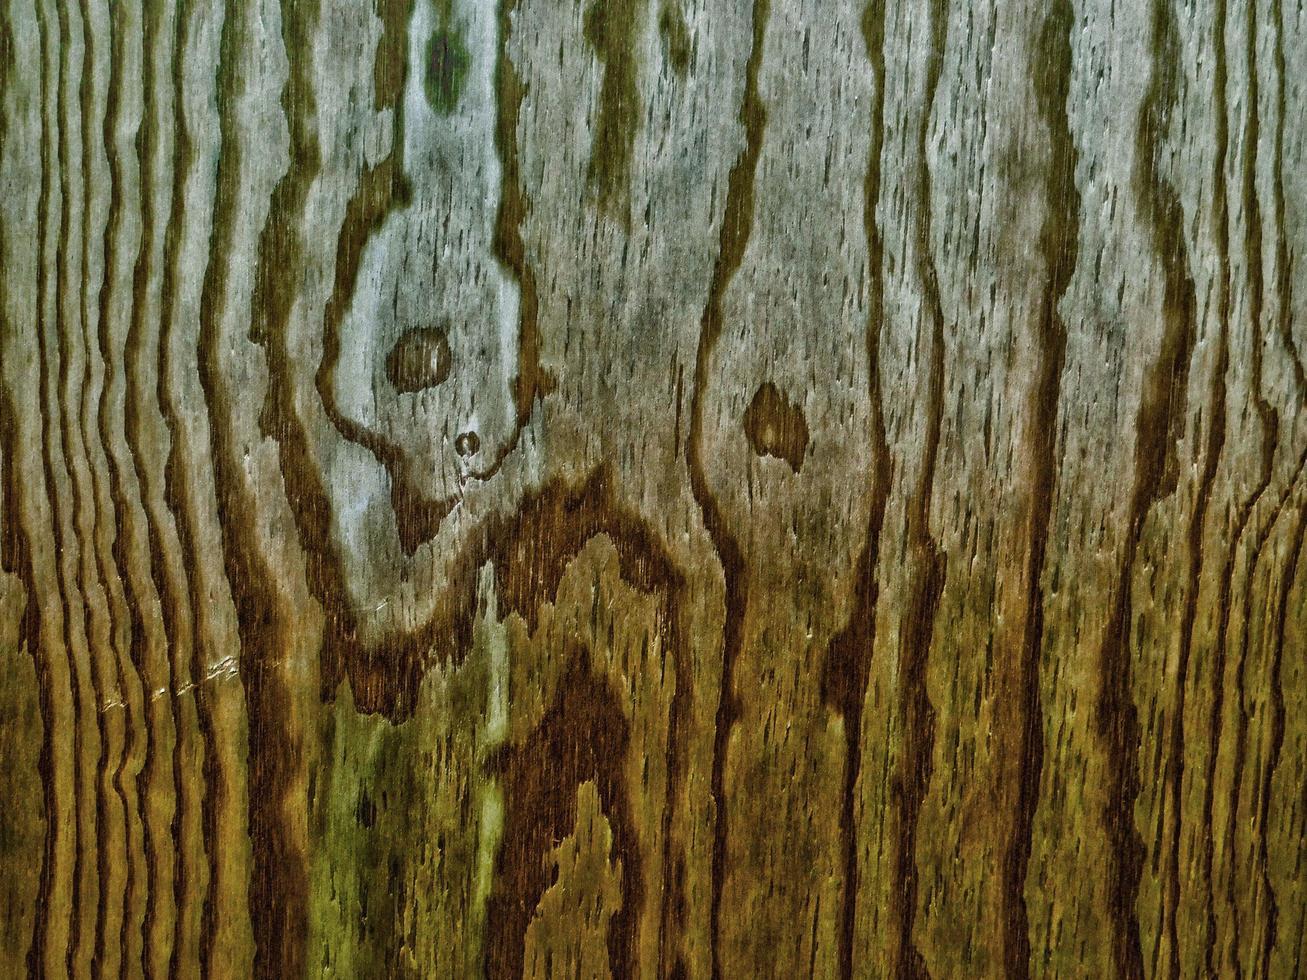 trästruktur i trädgården foto